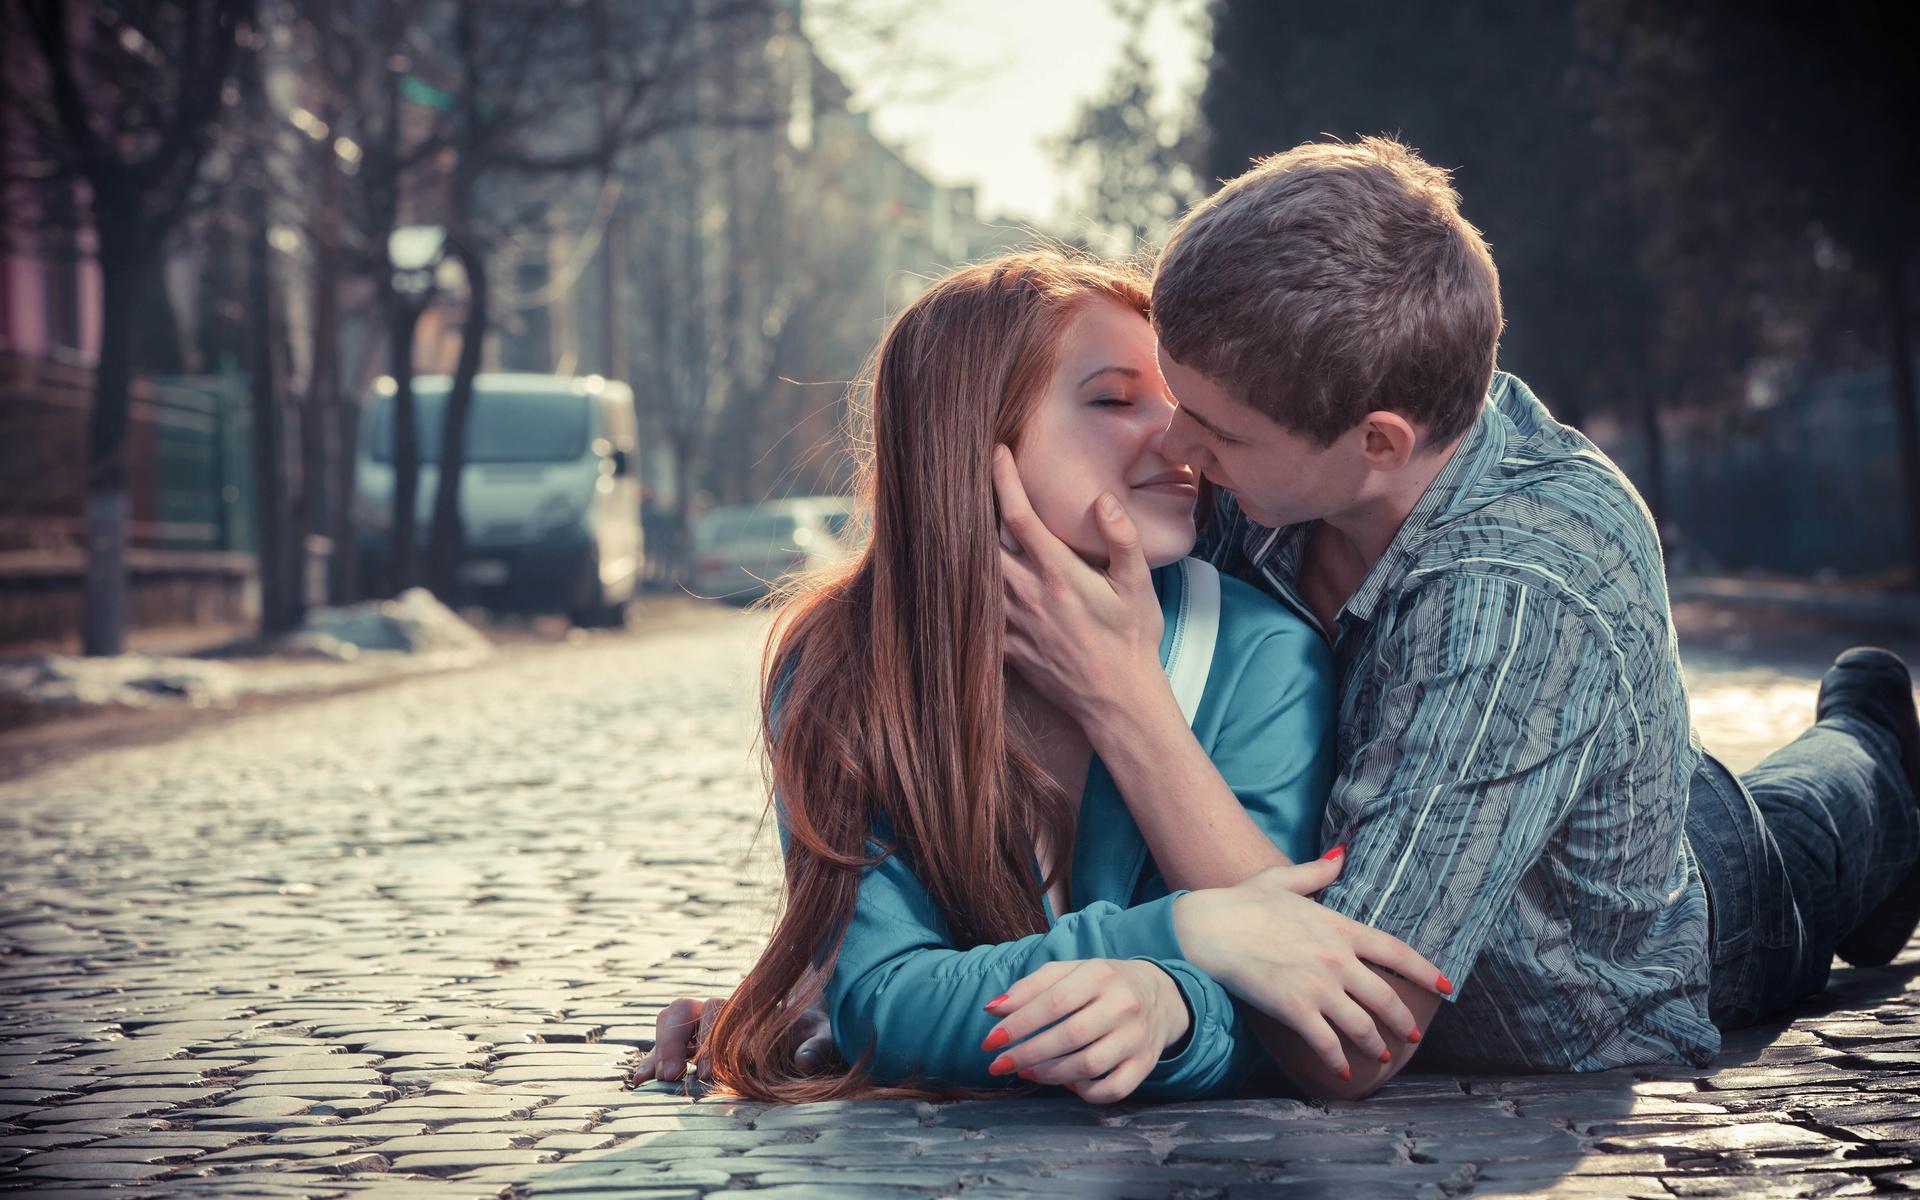 Красивые истории любви в картинках